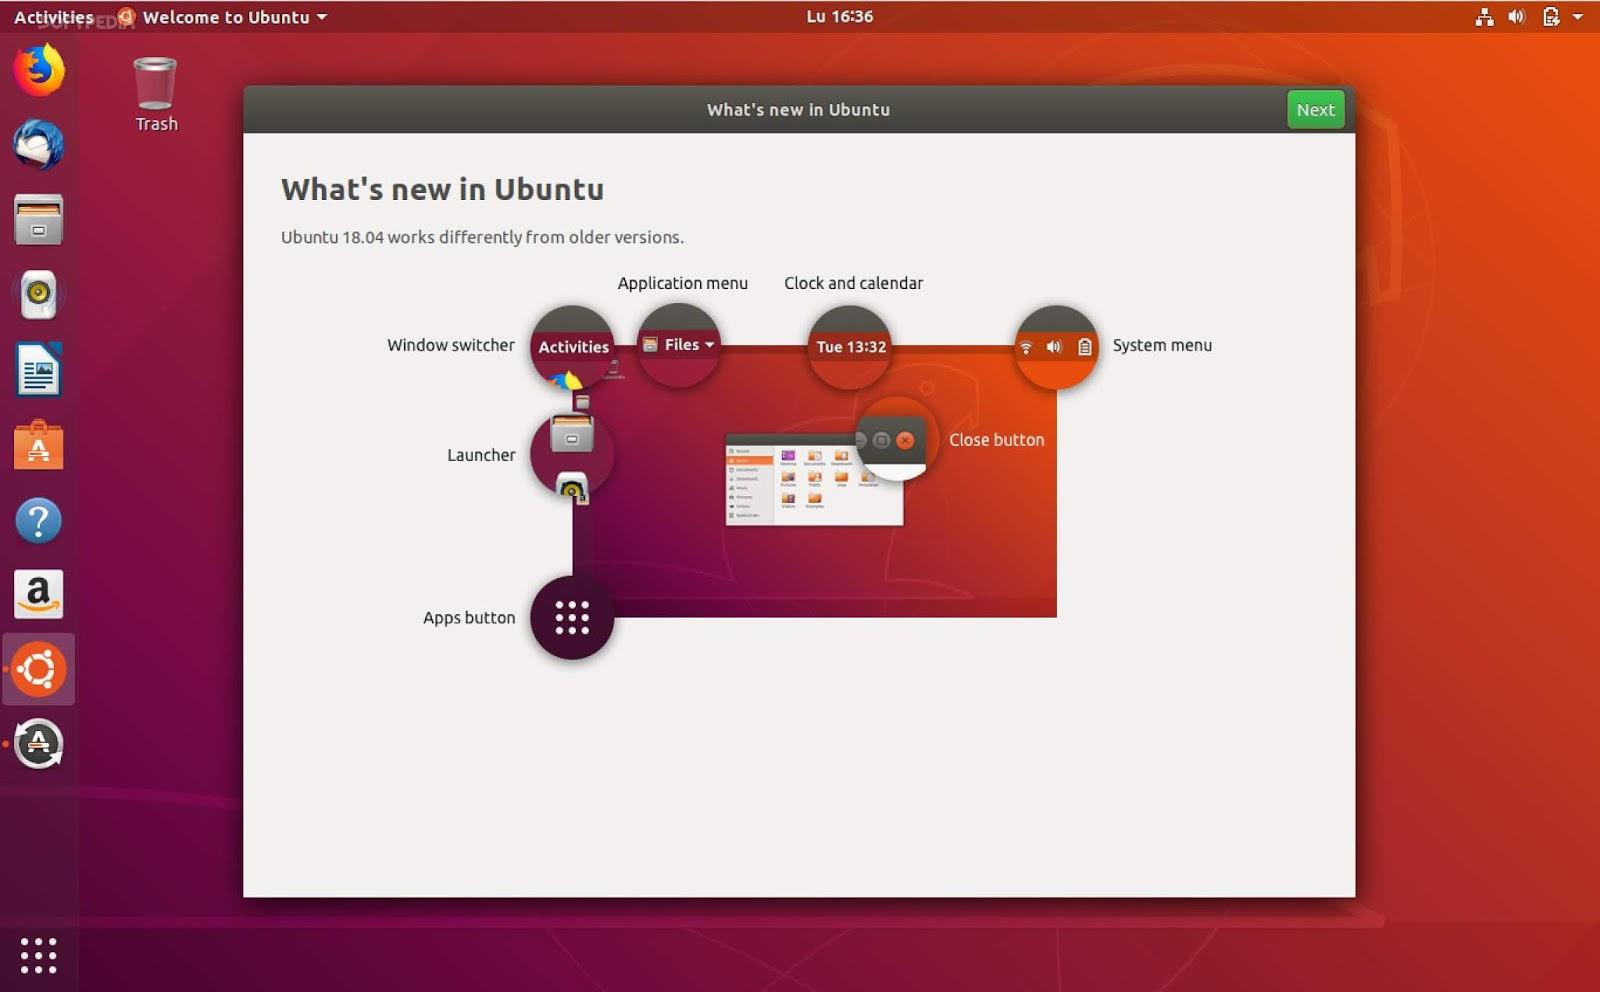 Beberapa Distro Linux Bisa Dicoba Untuk Ketahui Kinerja Prosesor Sebelum Install